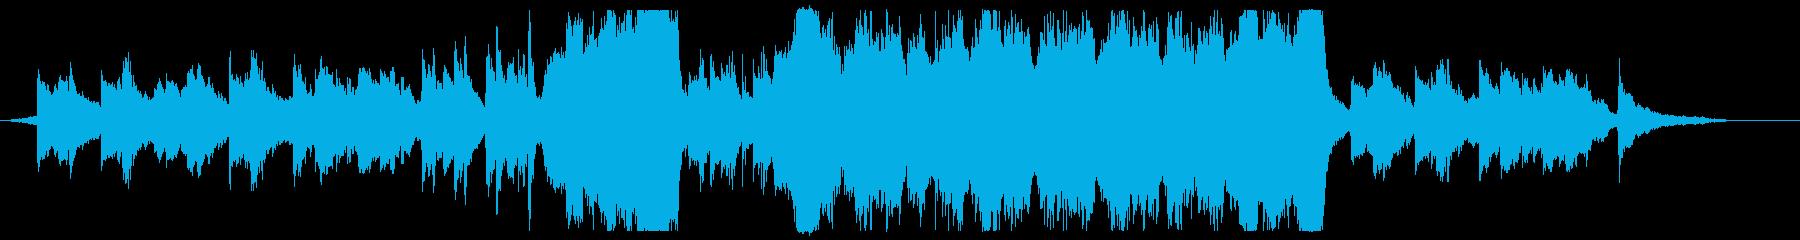 ファンタジーRPG風テーマ曲の再生済みの波形